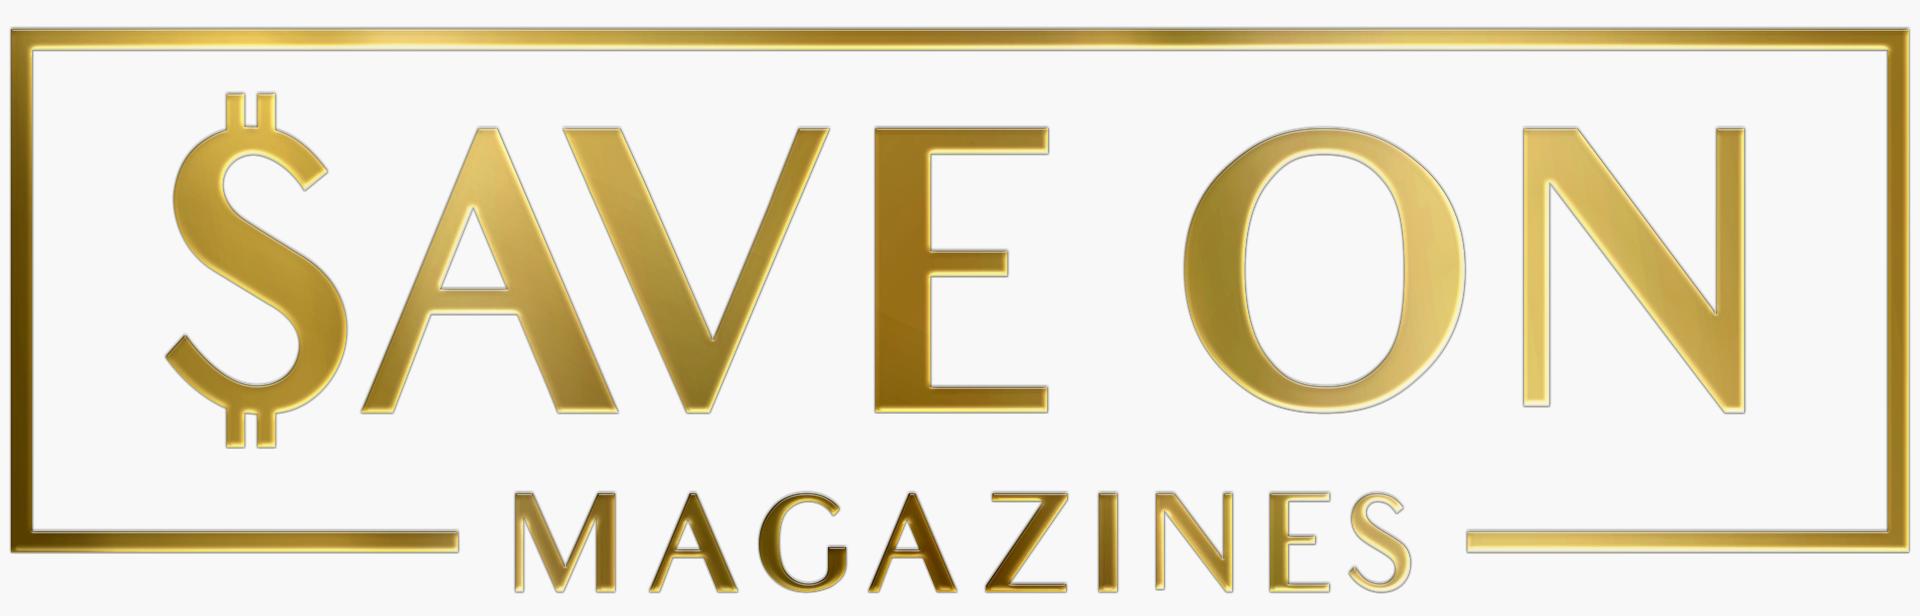 SaveOnMagazines Coupons & Promo codes